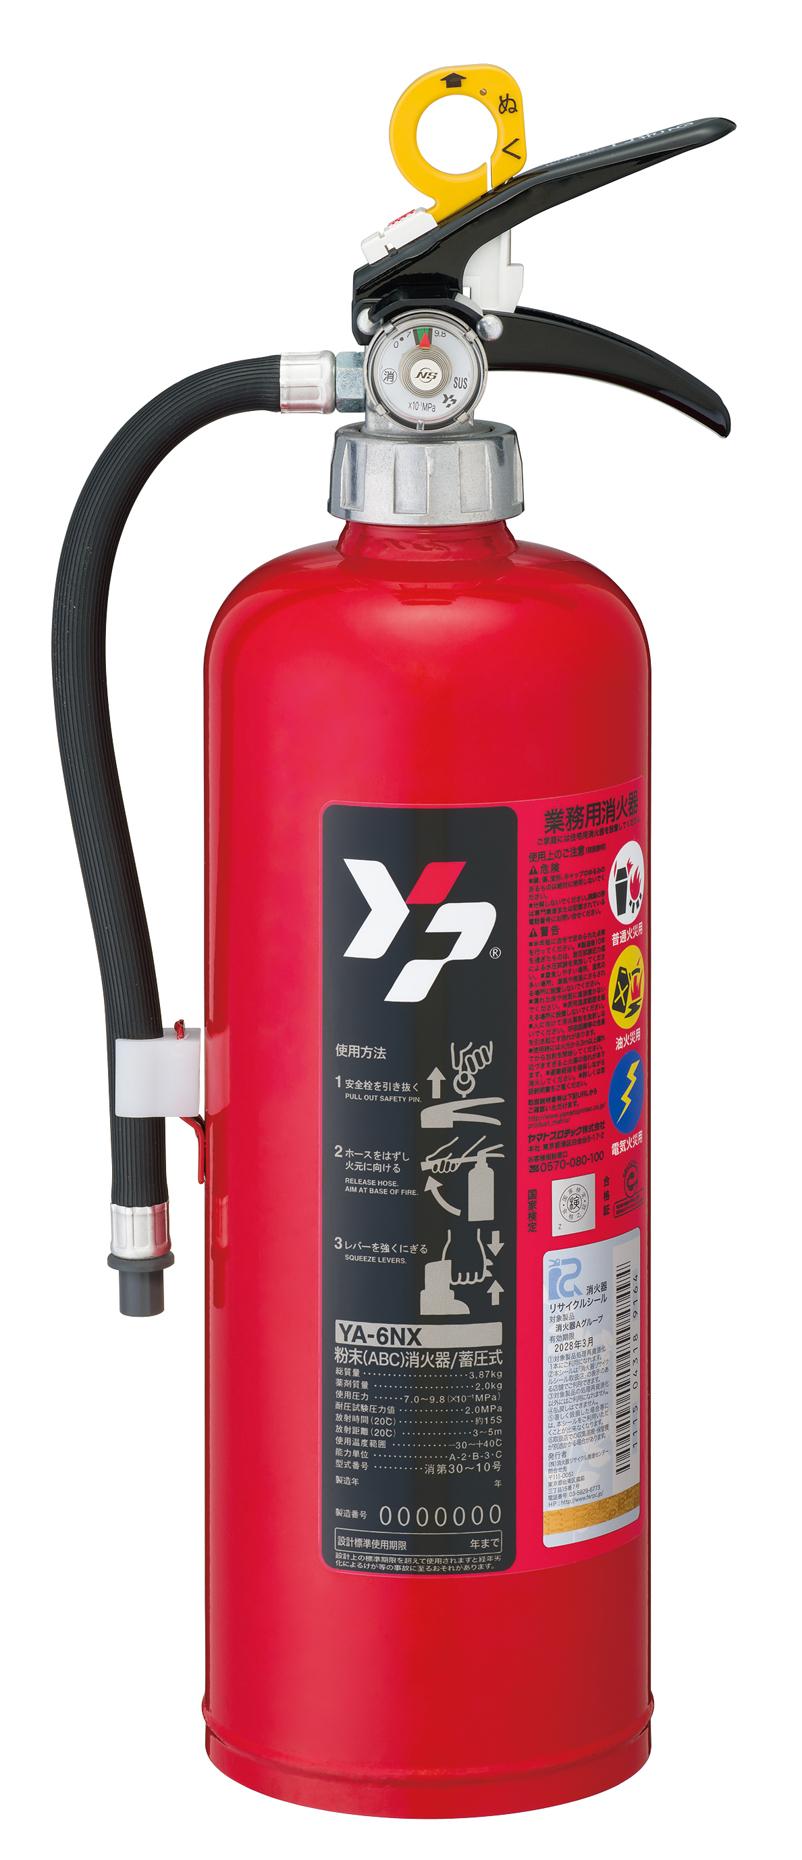 粉末(ABC)蓄圧式消火器 YA-6NX